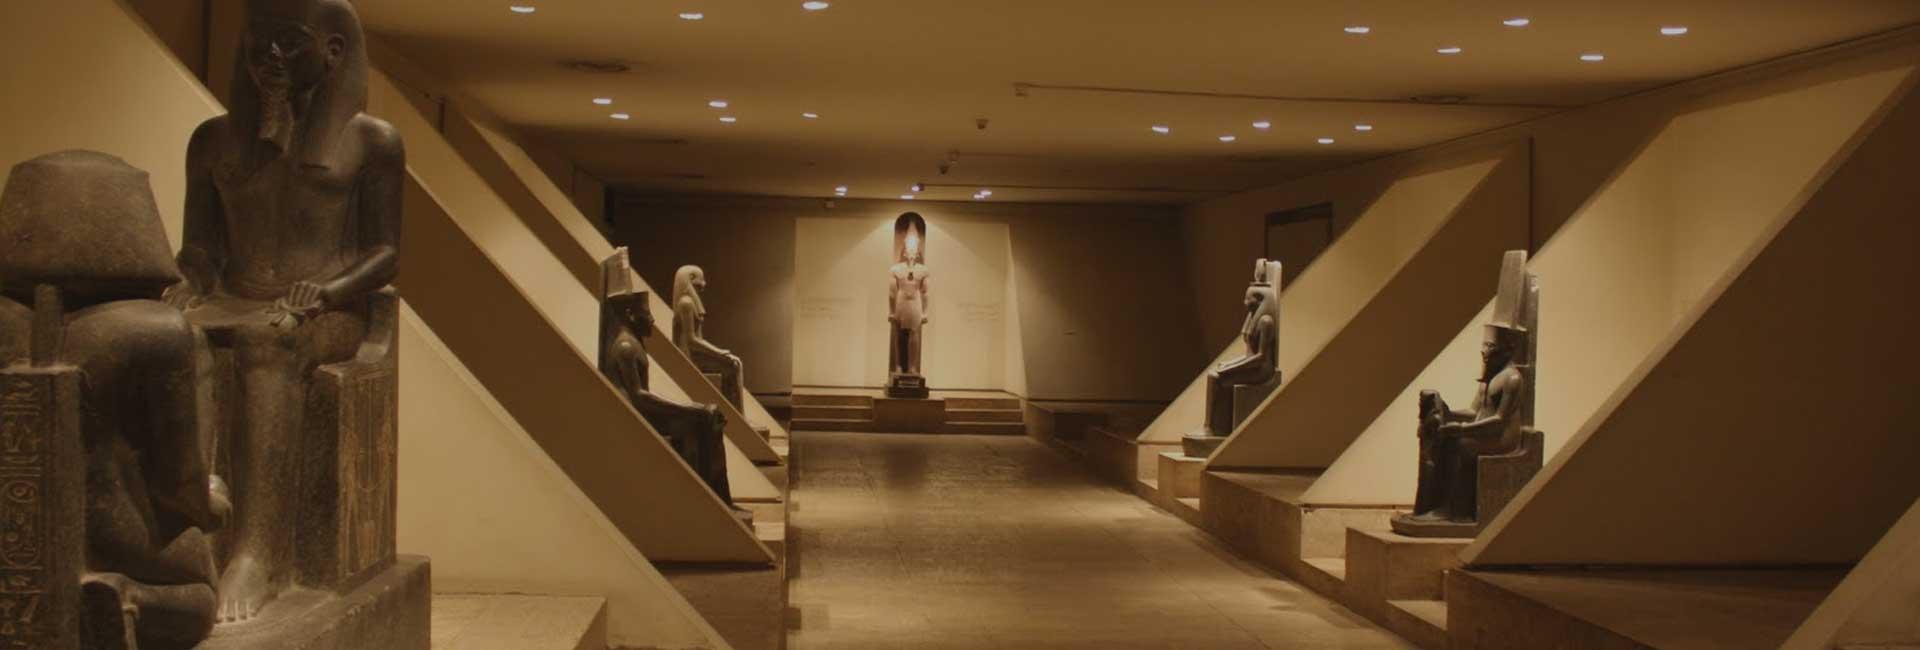 The Luxor Museum